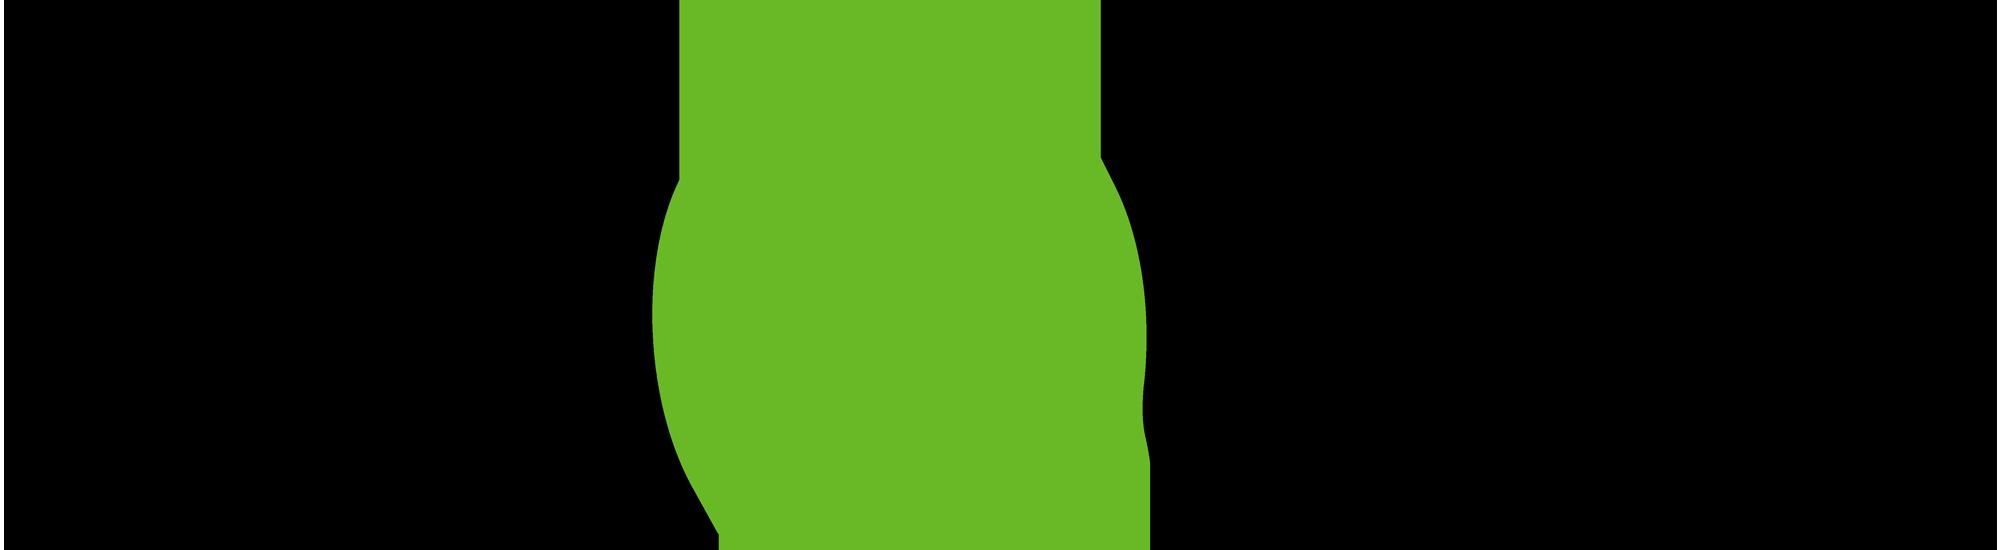 Яблочная это - интернет-магазин техники Apple и аксессуаров, а так же сервисный центр. У нас вы можете оформить покупки в кредит и сдать свои устройства Apple в Trade-IN